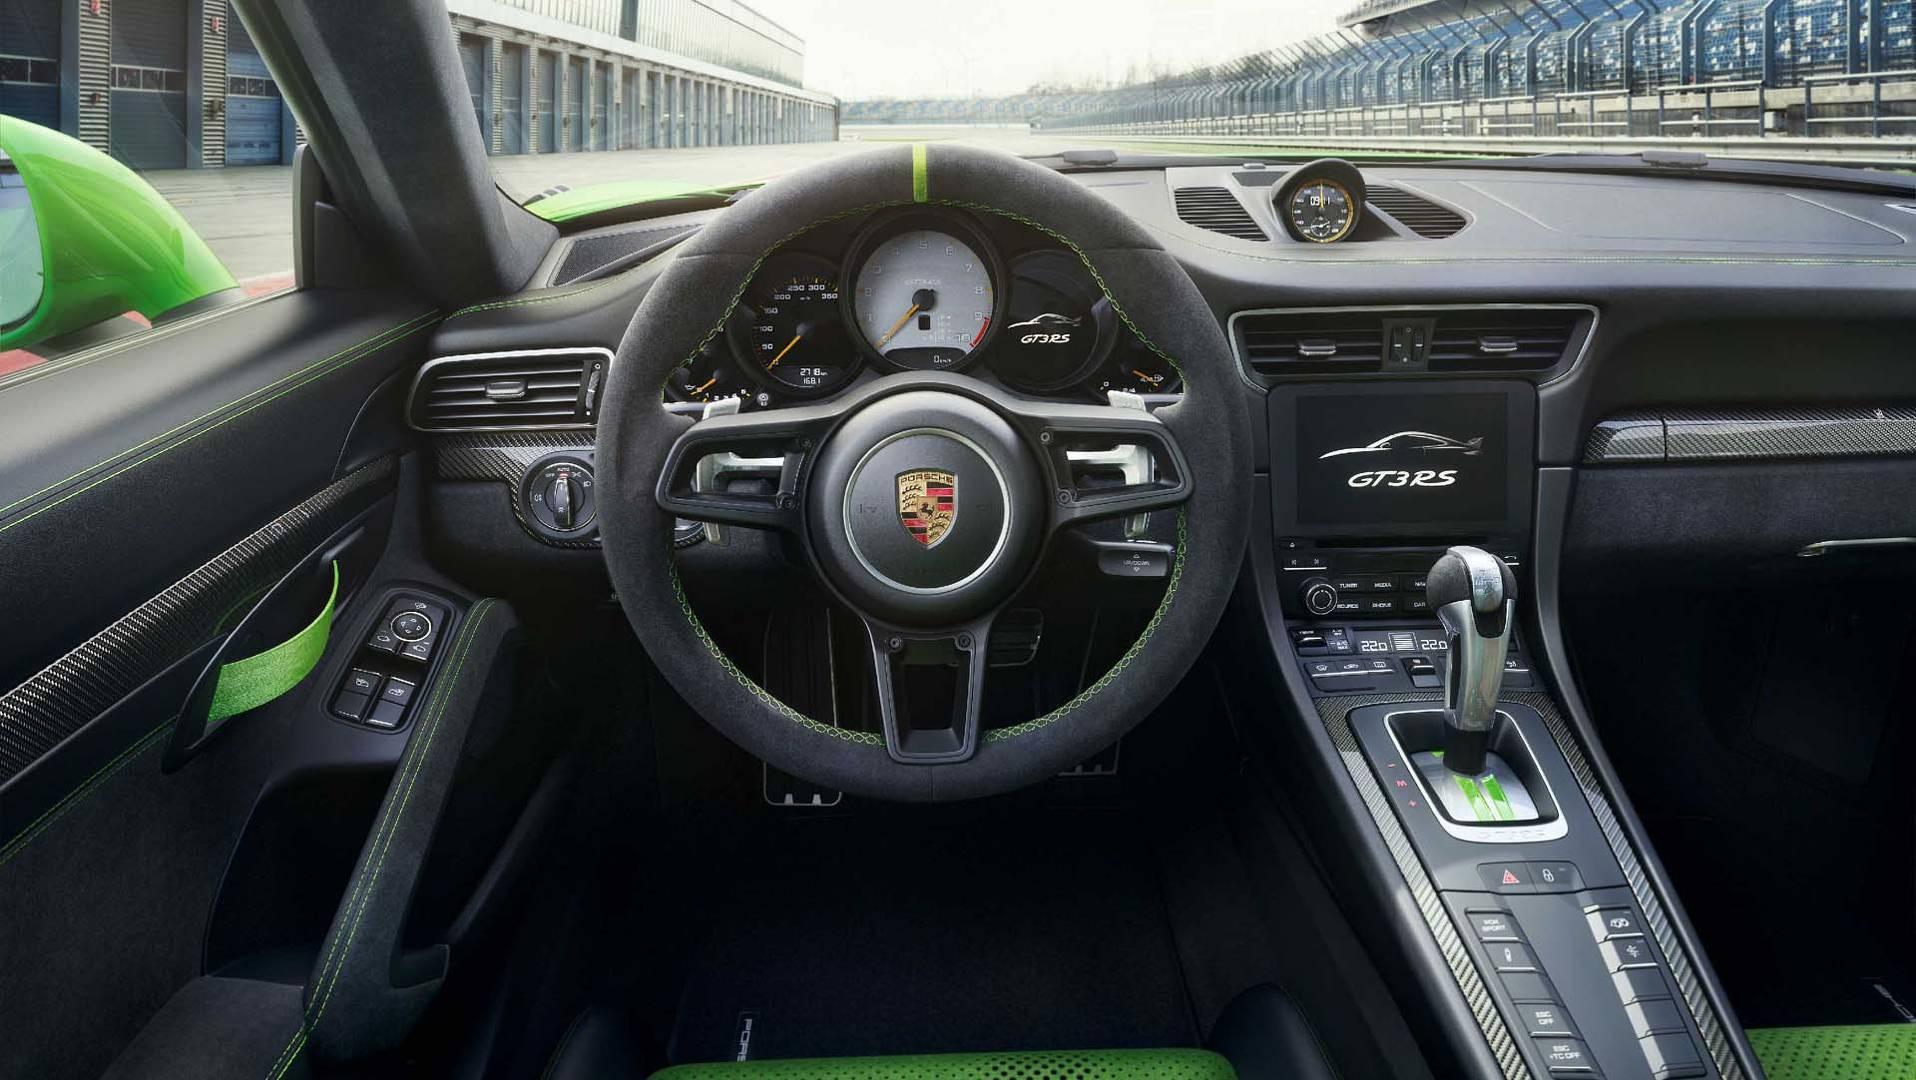 Oficial: Porsche 911 GT3 RS: el 911 atmosférico más potente jamás fabricado